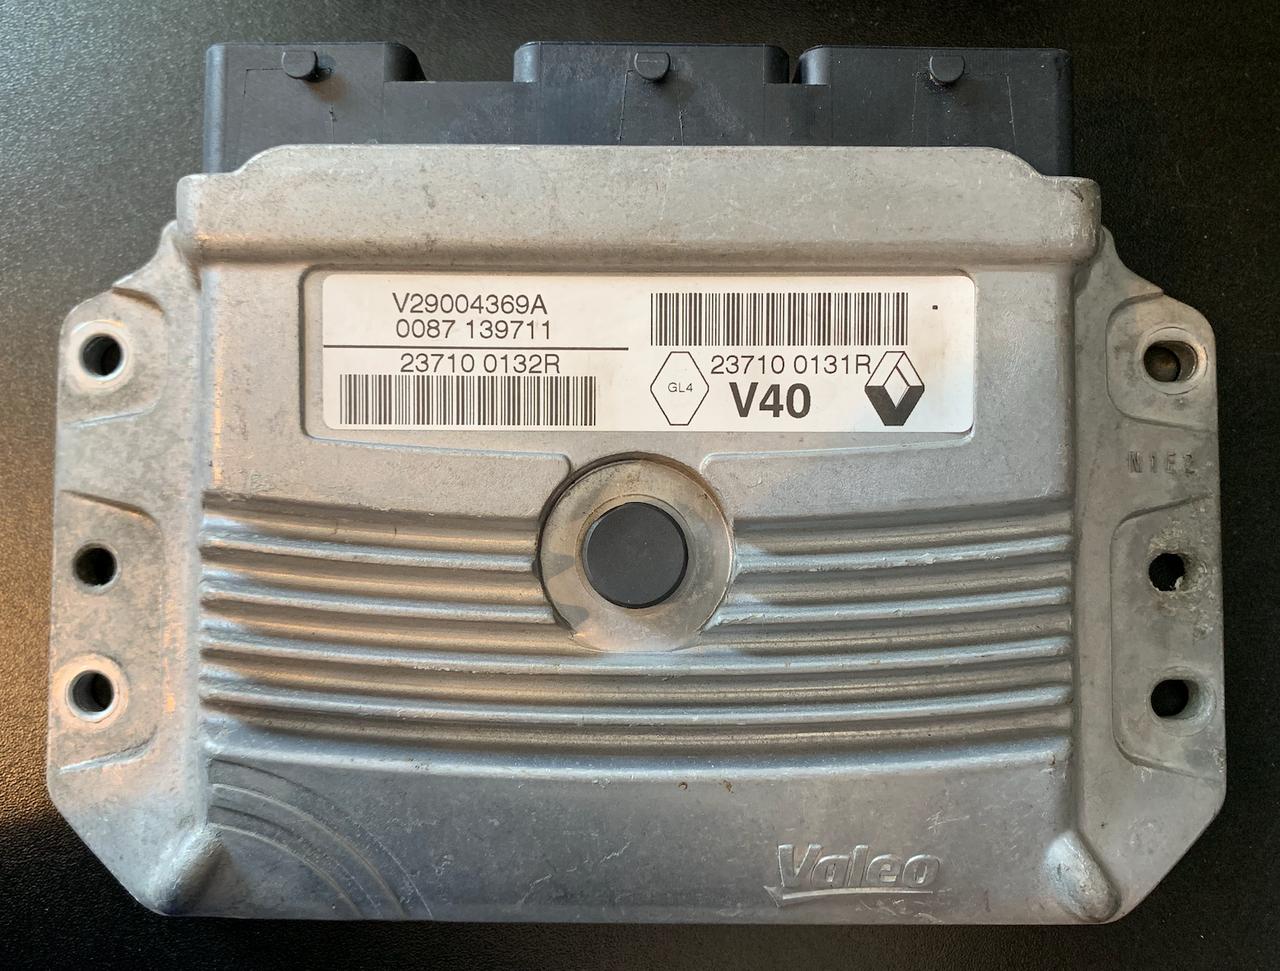 Renault Megane 1.6, V29004369A, 23710 0132R, 23710 0131R, V40